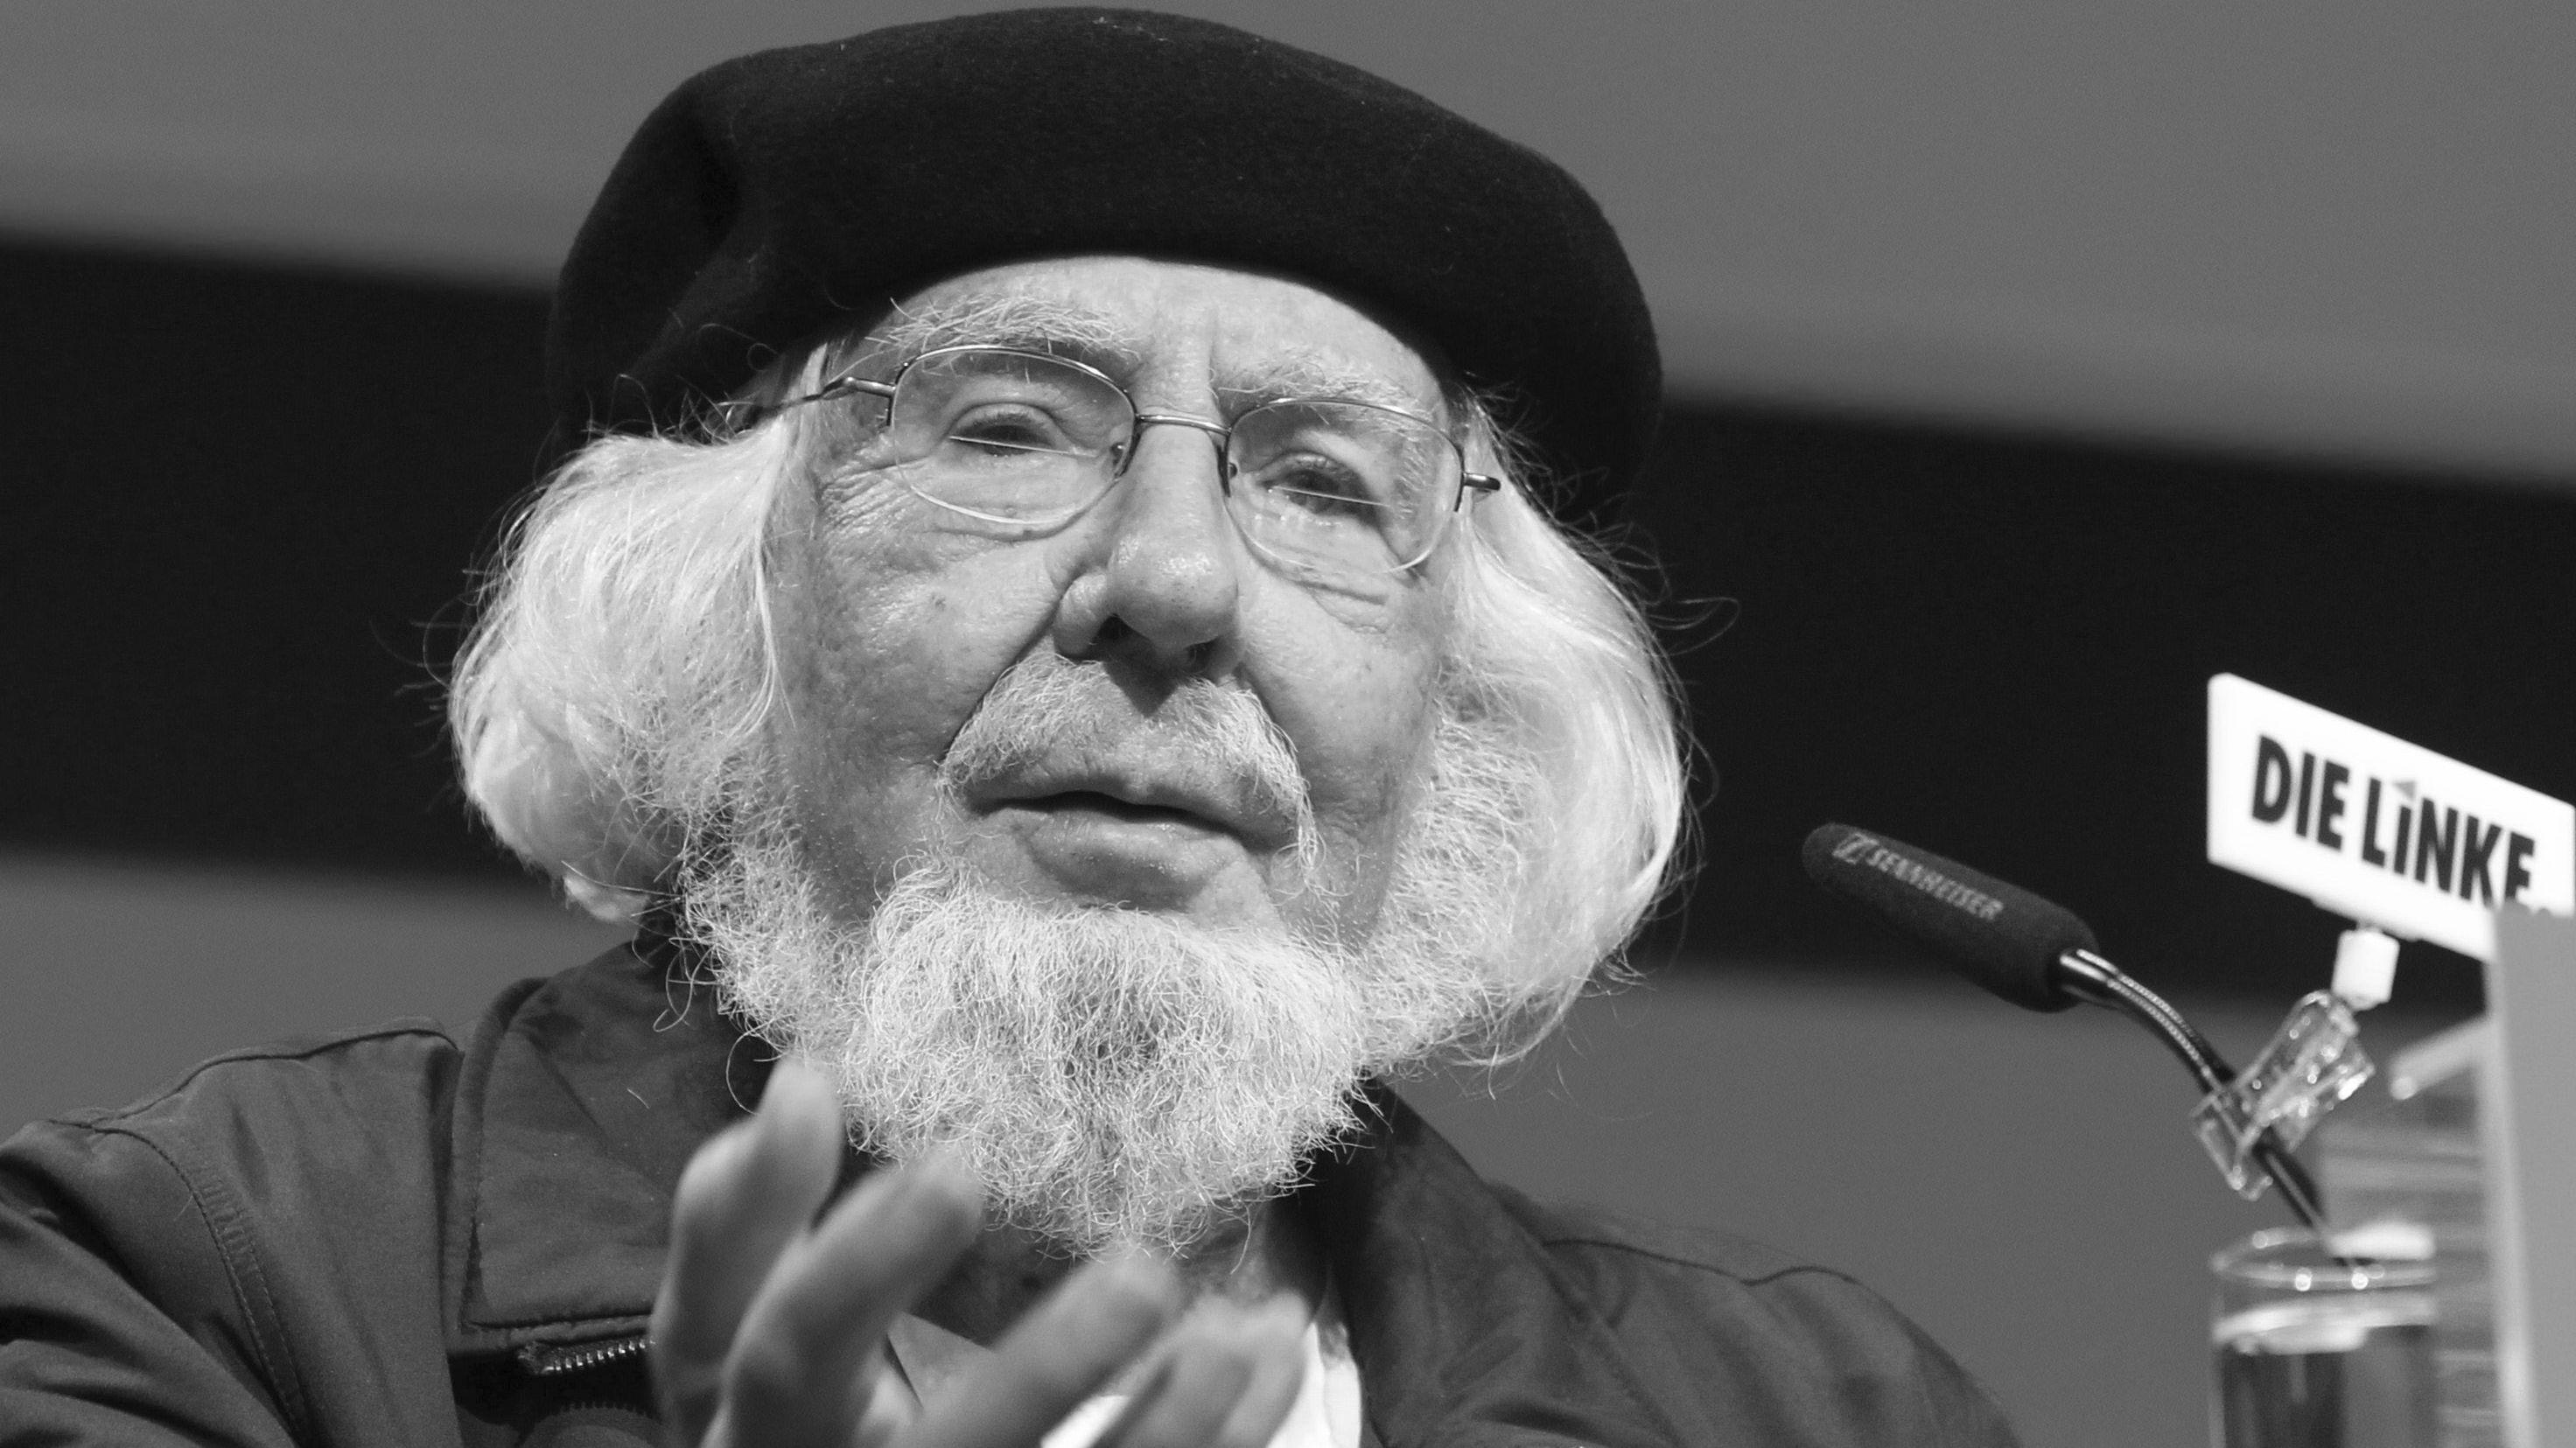 Schwarz-Weiß-Porträt des betagten Dichters Ernesto Cardenal mit der für ihn typischen schwarzen Baskenmütze